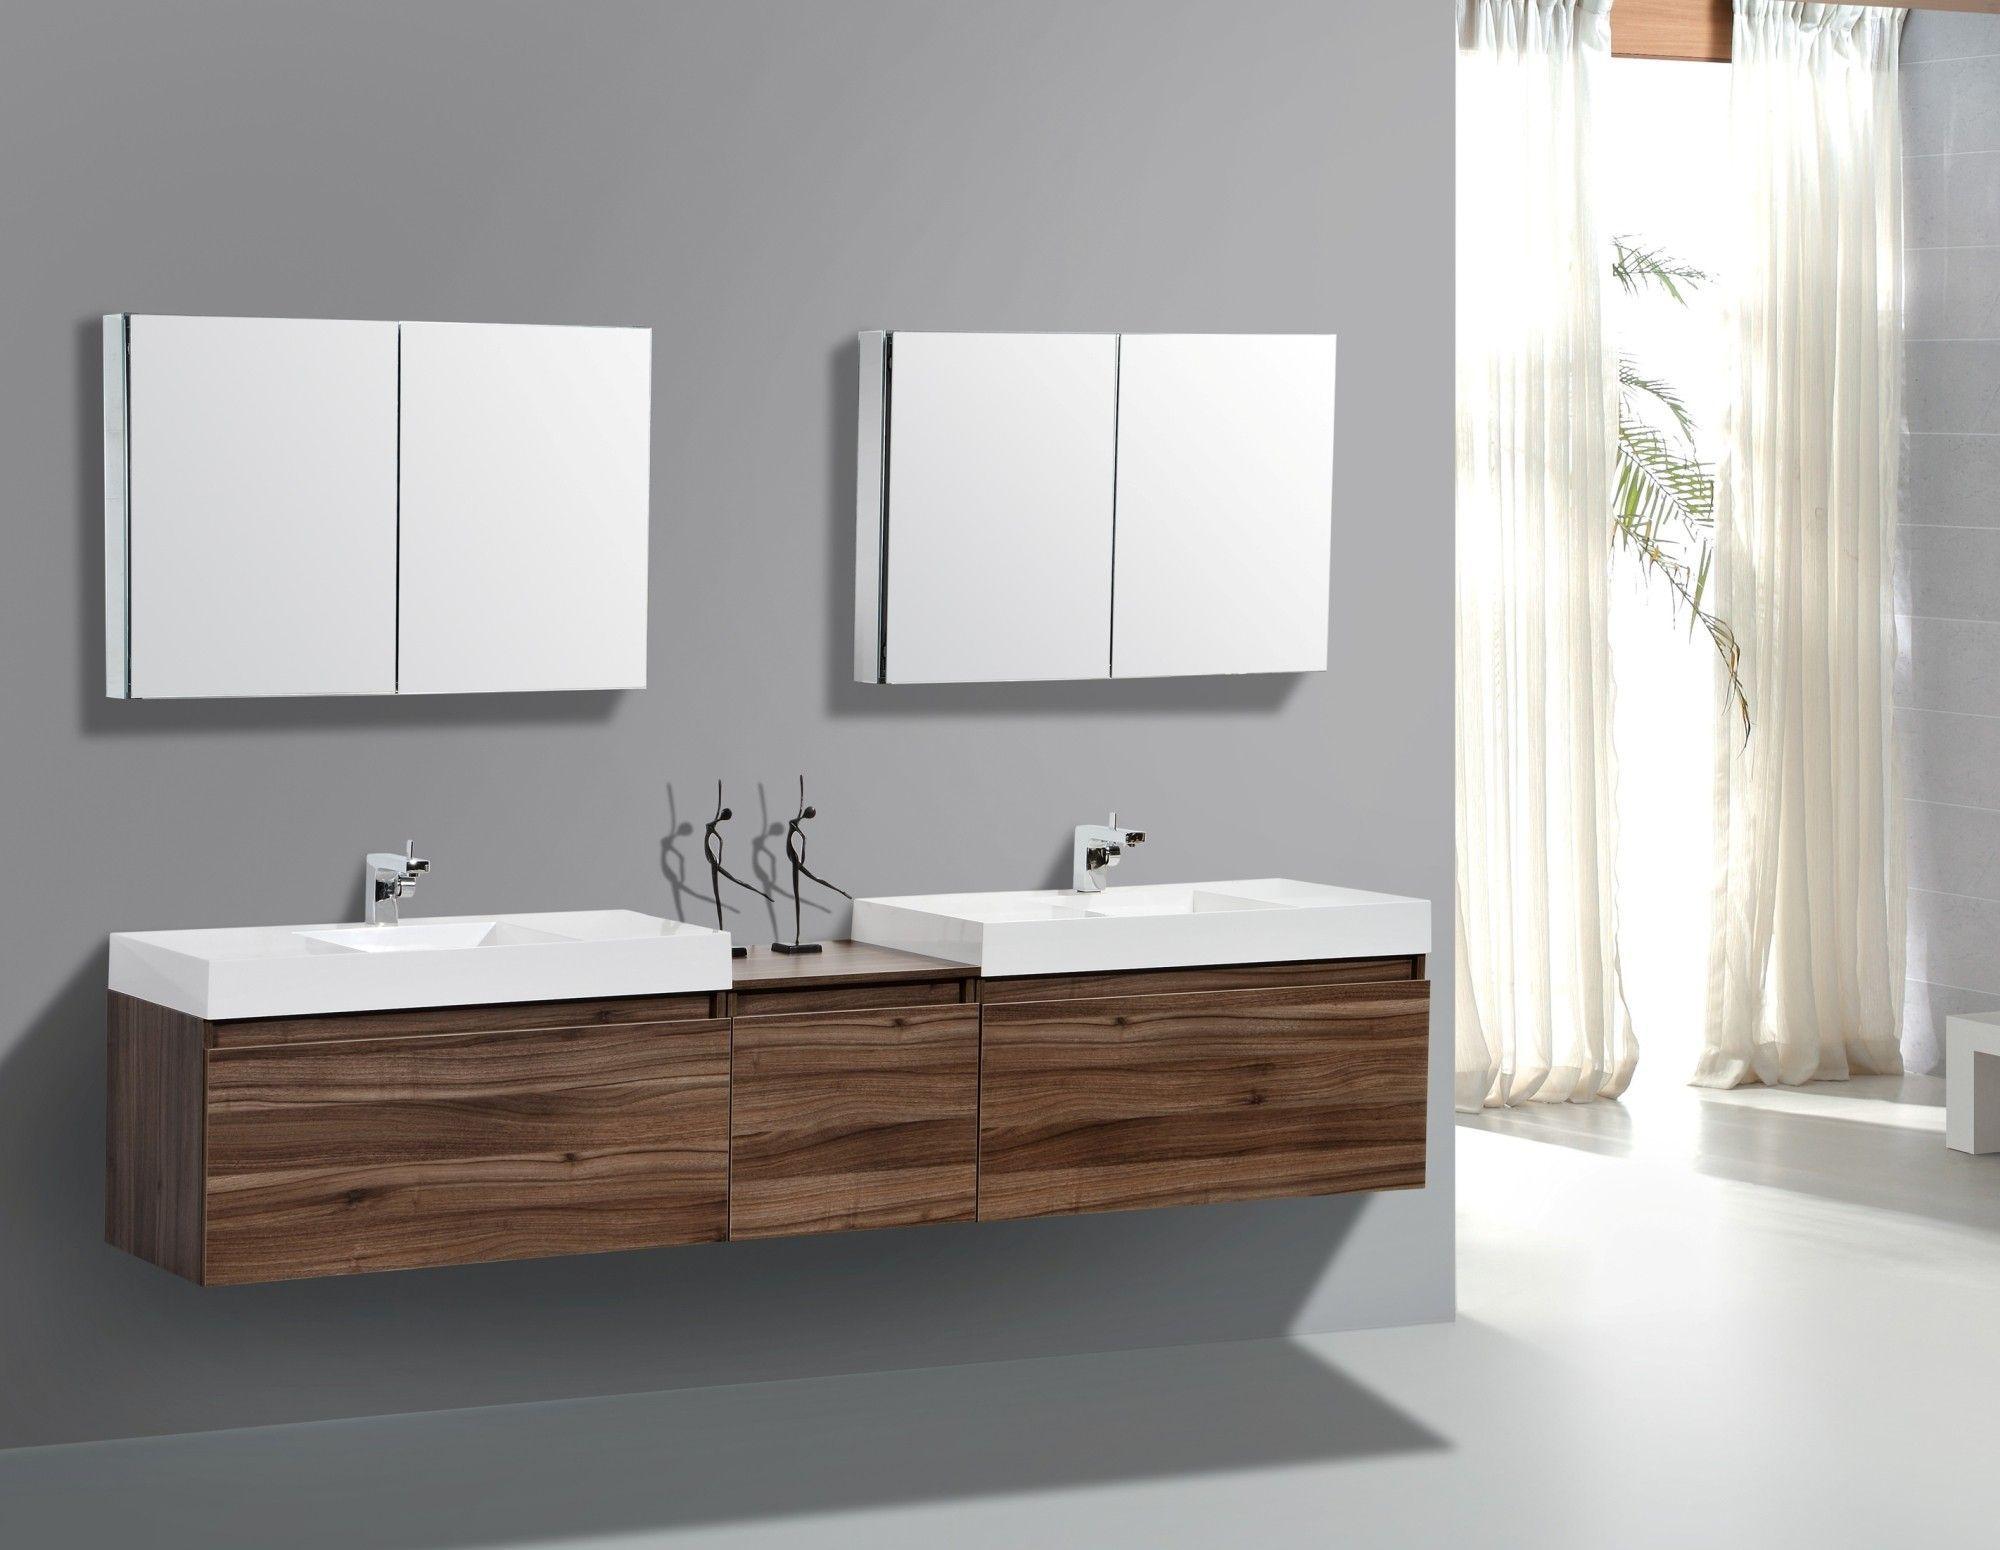 Even Though Floating Modern Bathroom Vanities Are Made Very Simple In Its Storag Floating Bathroom Vanities Contemporary Bathroom Vanity Modern Bathroom Vanity